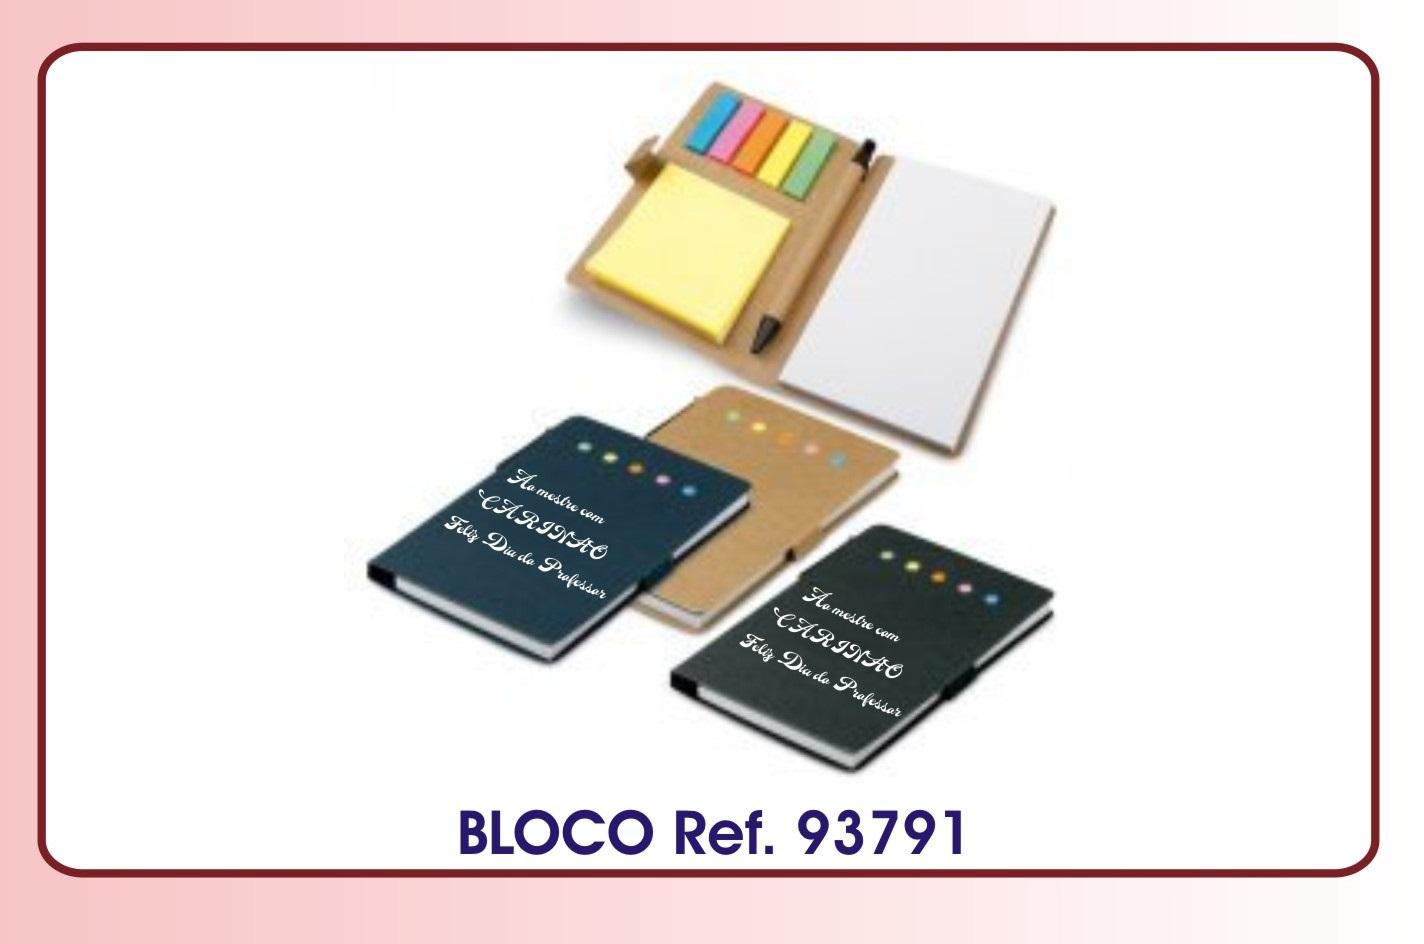 REF.93791-BLOCO DE ANOTAÇÕES